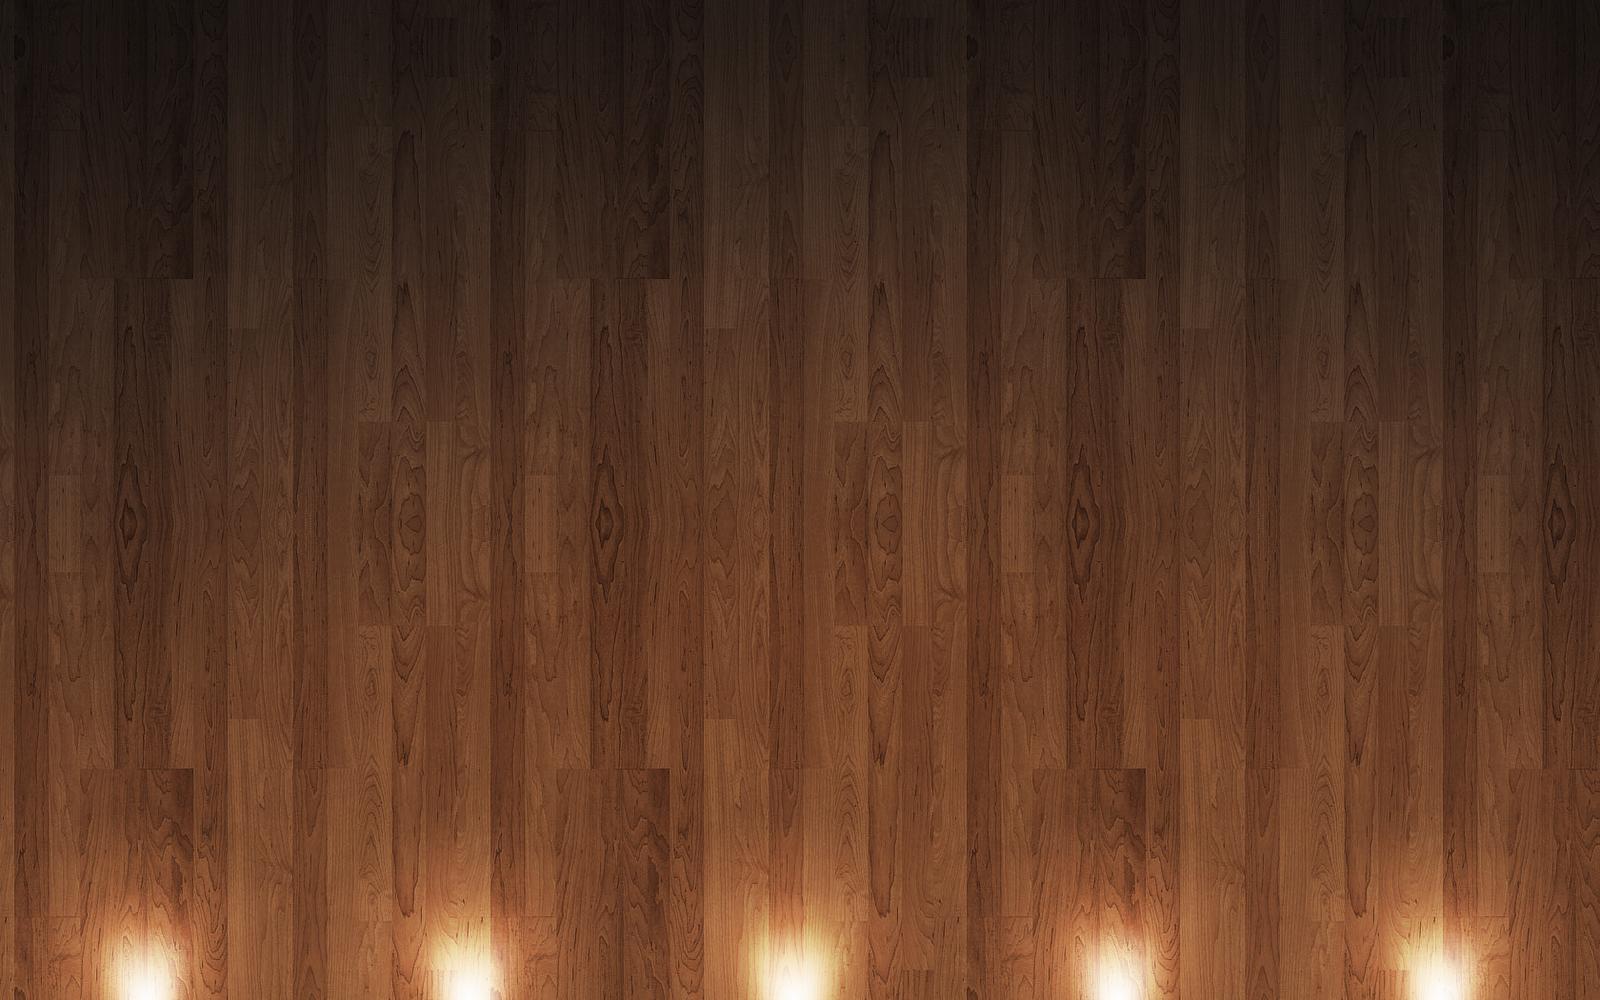 بالصور خلفيات خشب , اجمل الخلفيات الخشبيه 3502